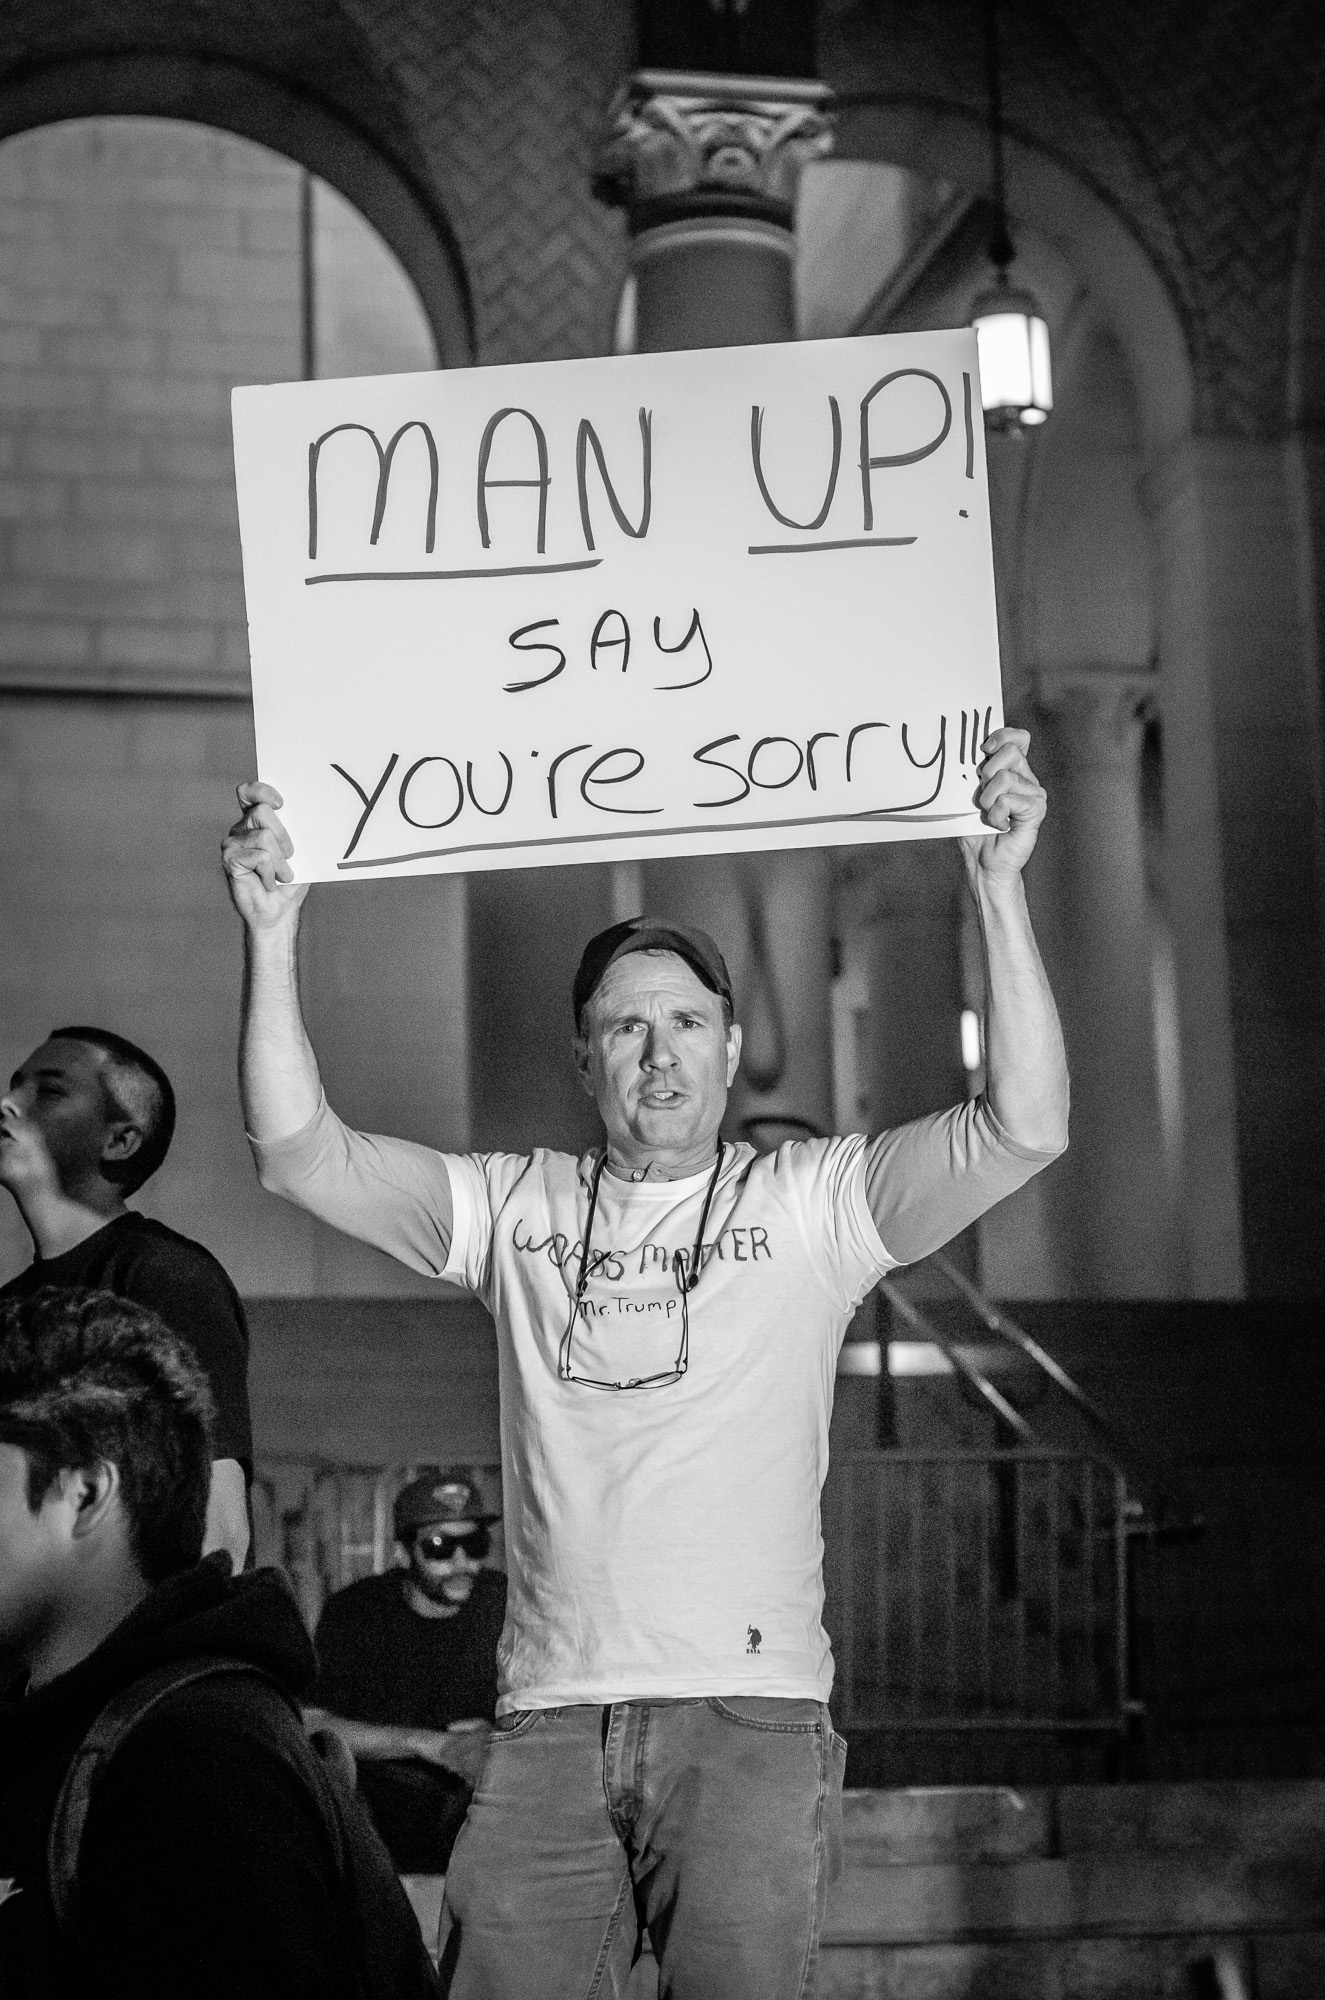 Protesting_3.jpg